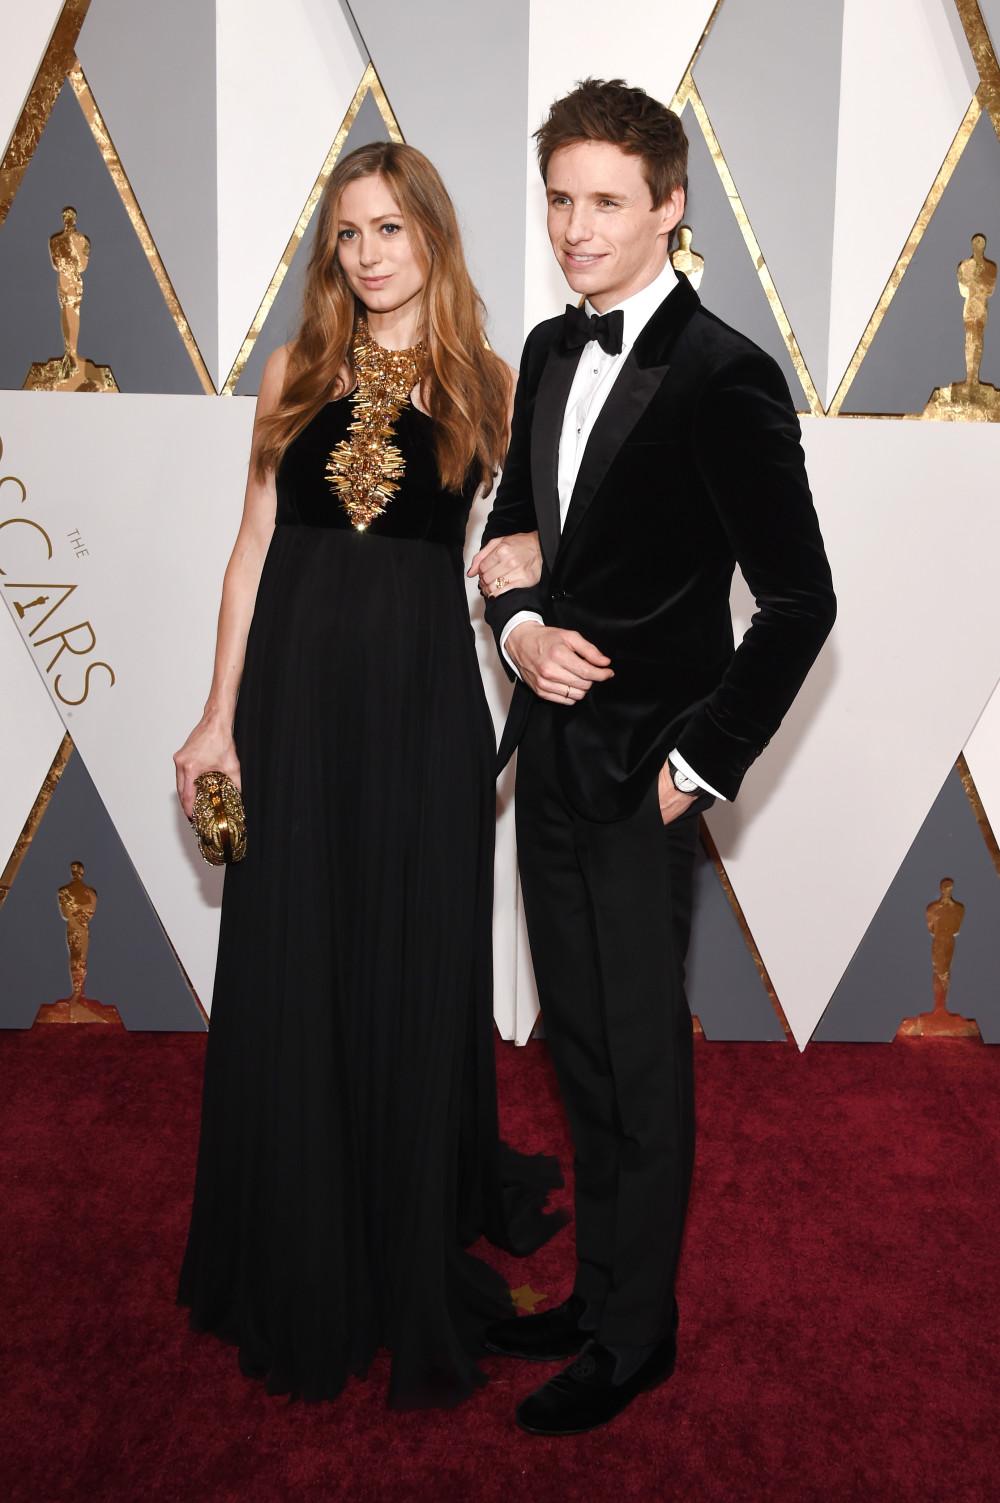 Эдди Редмэйн с женой Ханной на церемонии Оскар-2016